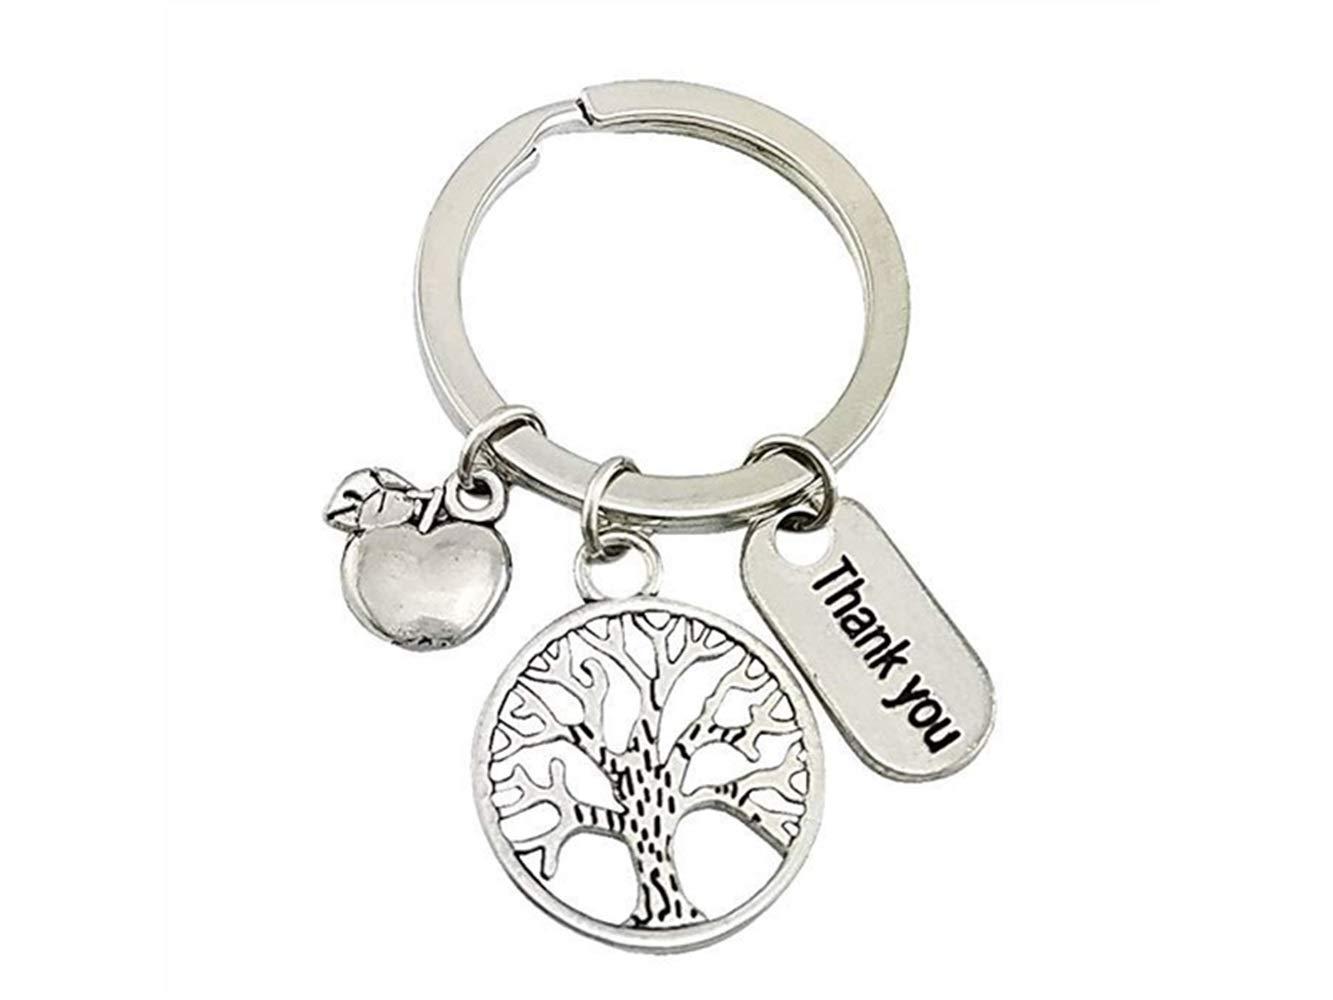 JKHGJUH Teacher's Day Geschenk Danke Apfelbaum Anhänger Schlüsselanhänger für Autoschlüssel Handtasche Tasche Schlüsselanhänger Geschenk (Silber)